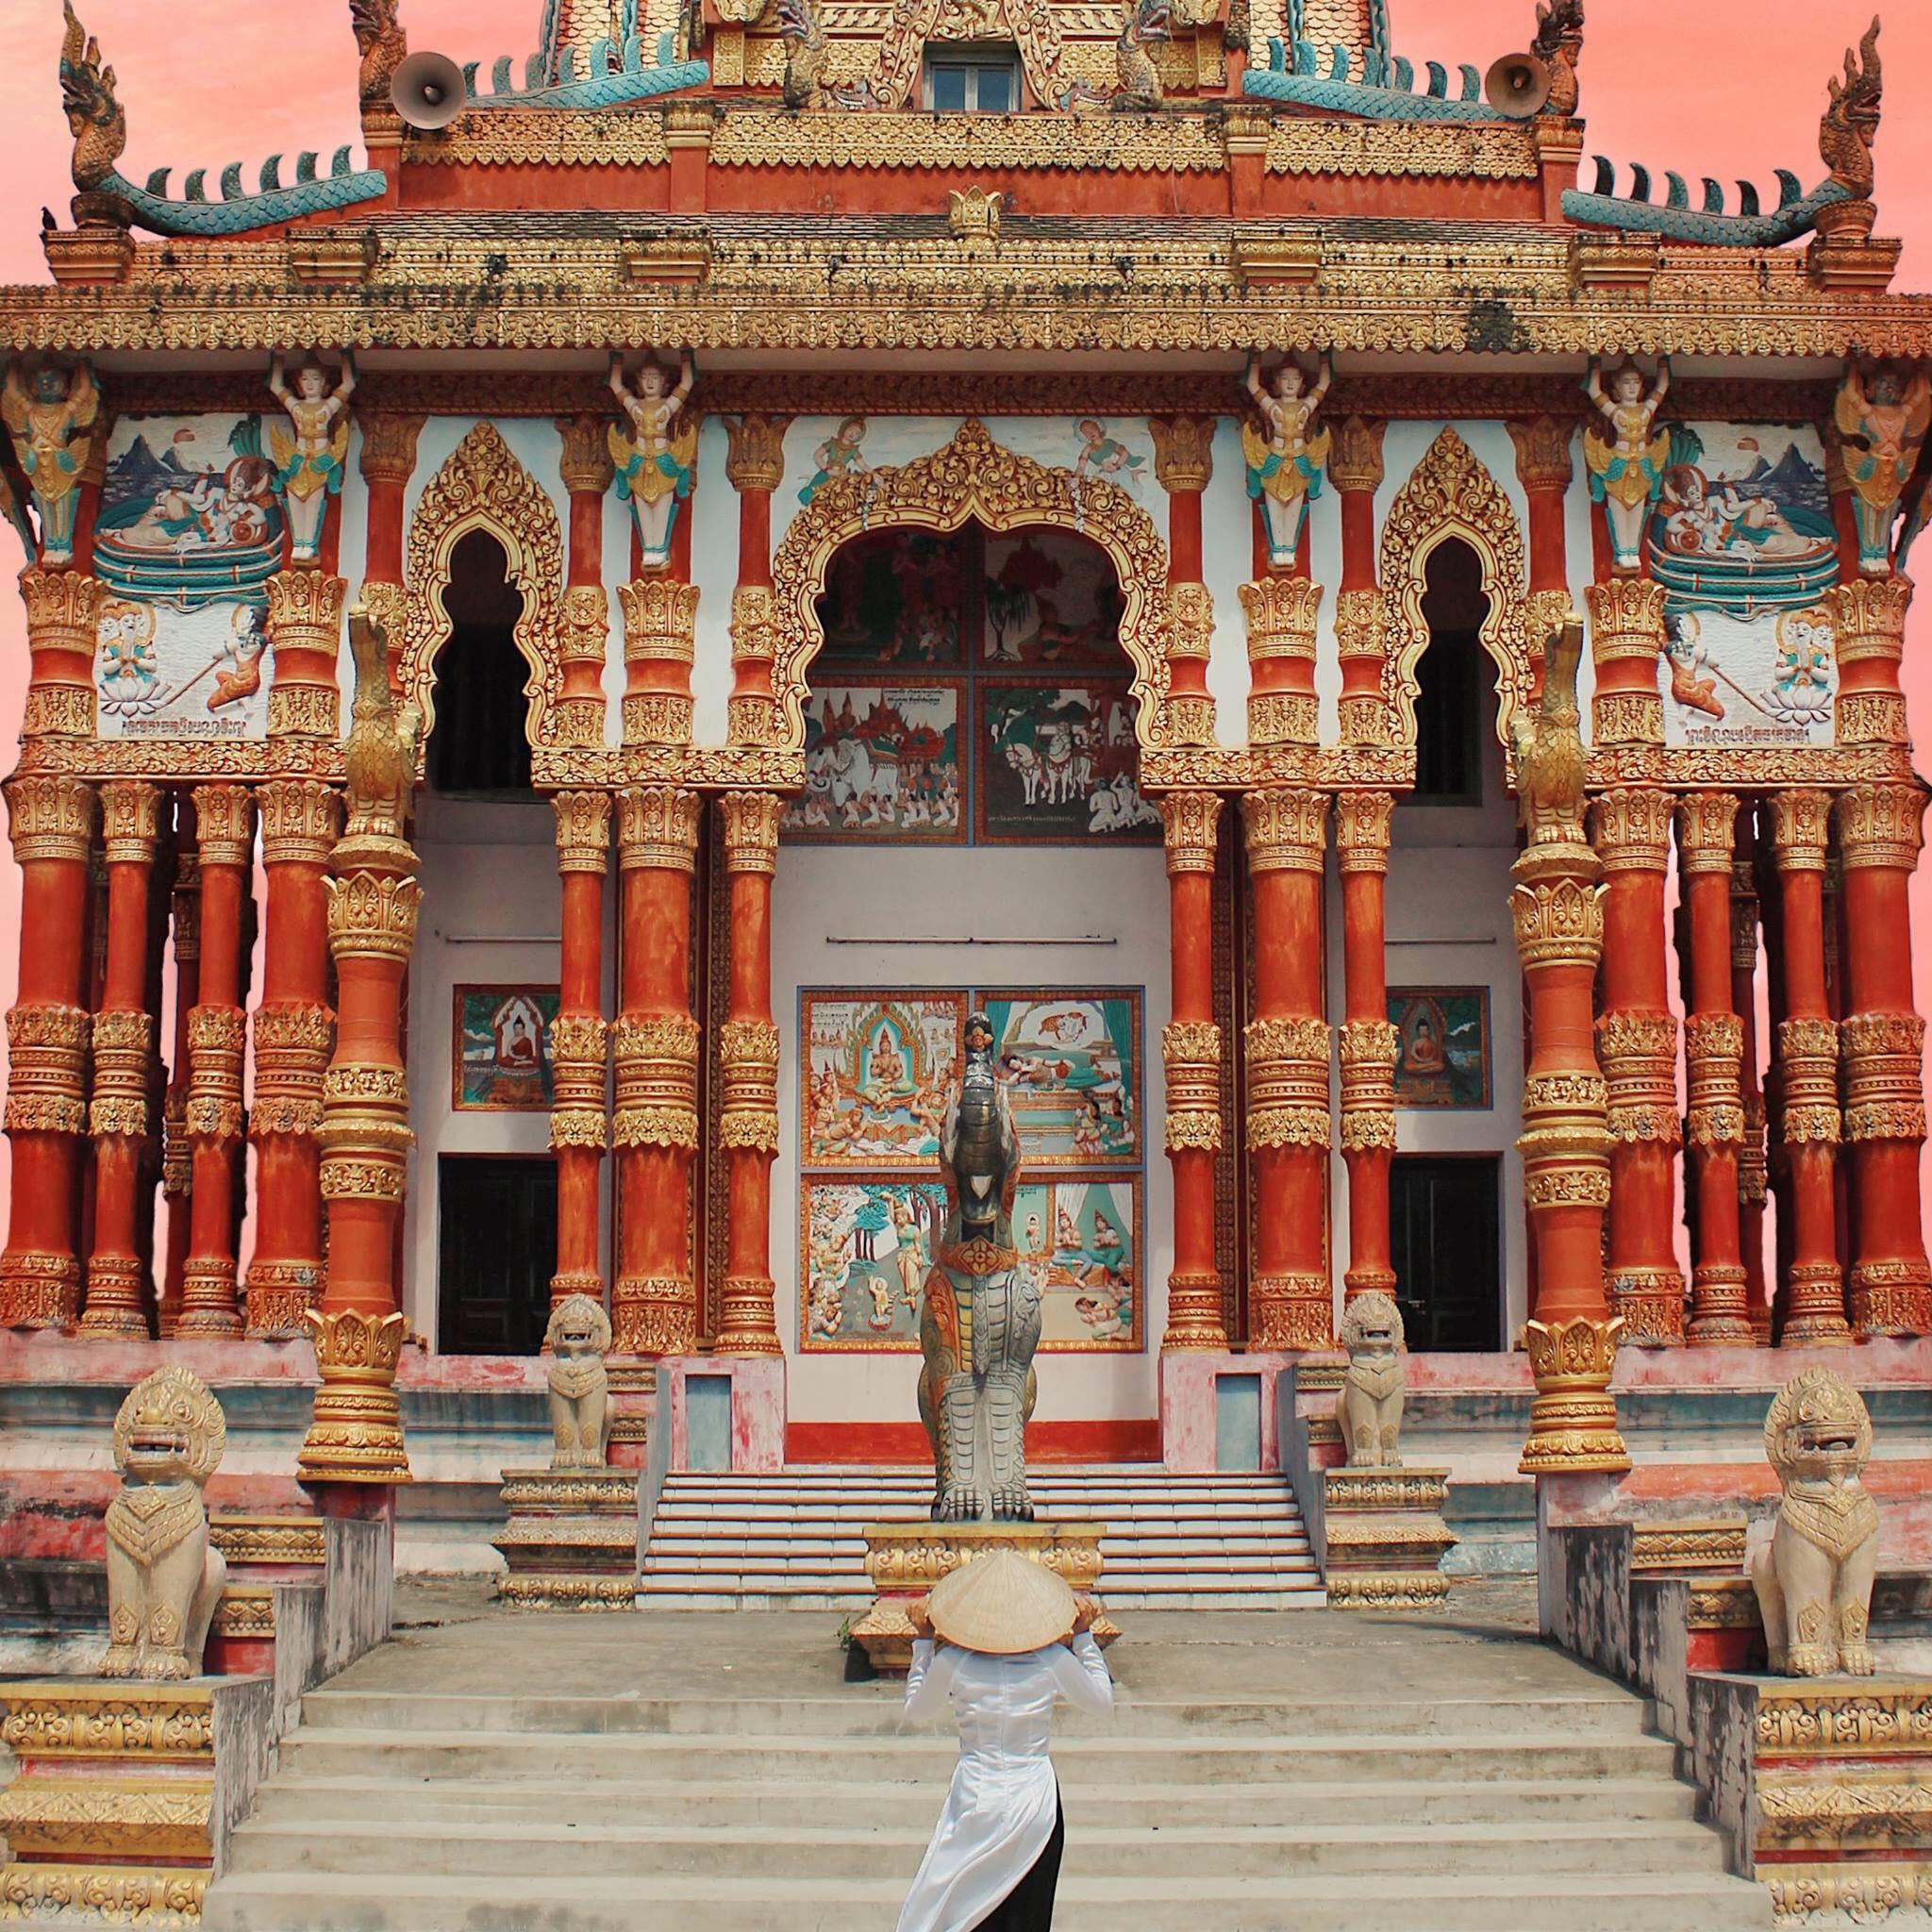 Cấu trúc độc đáo của chùa. Hình: Nguyễn Hoàn Hảo